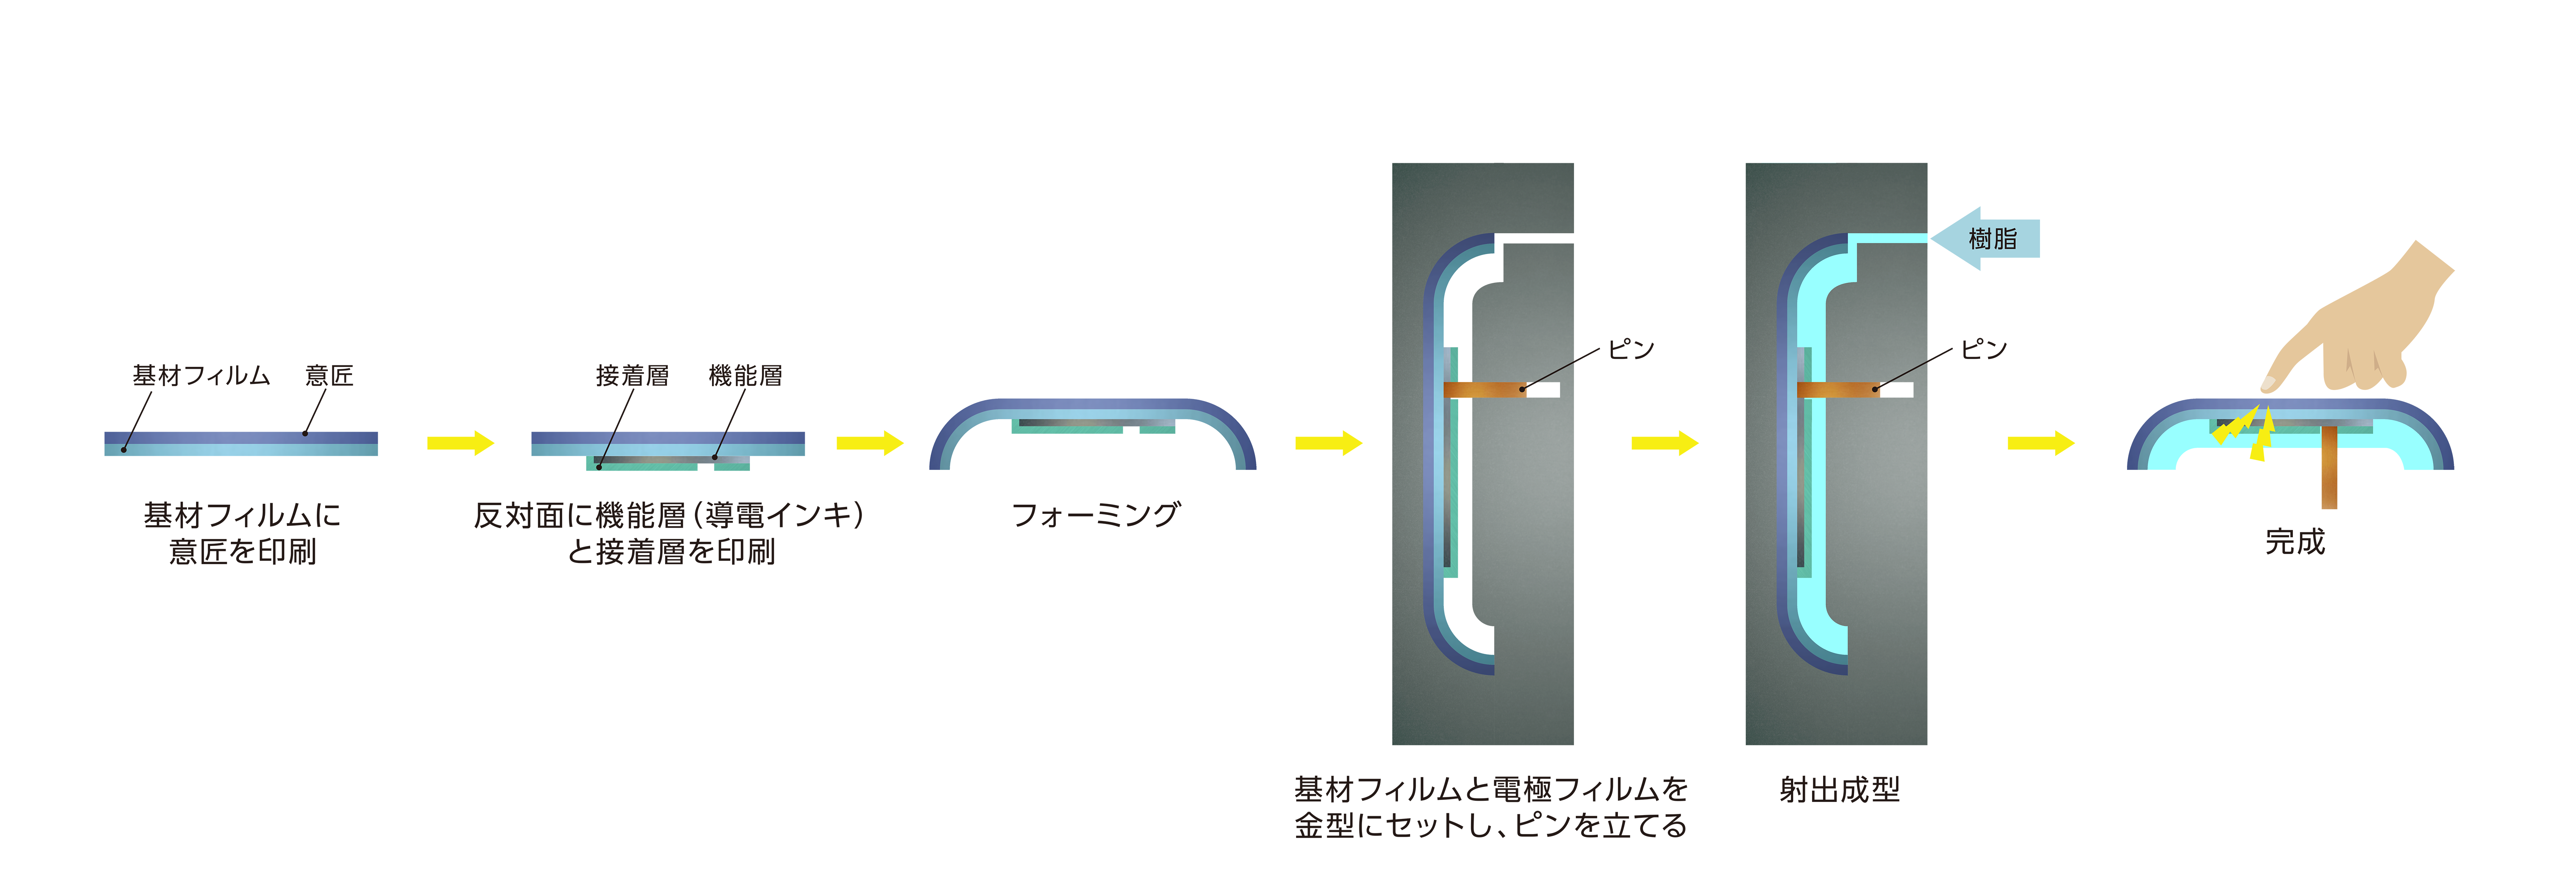 樹脂成形部品表面に電極を埋め込み